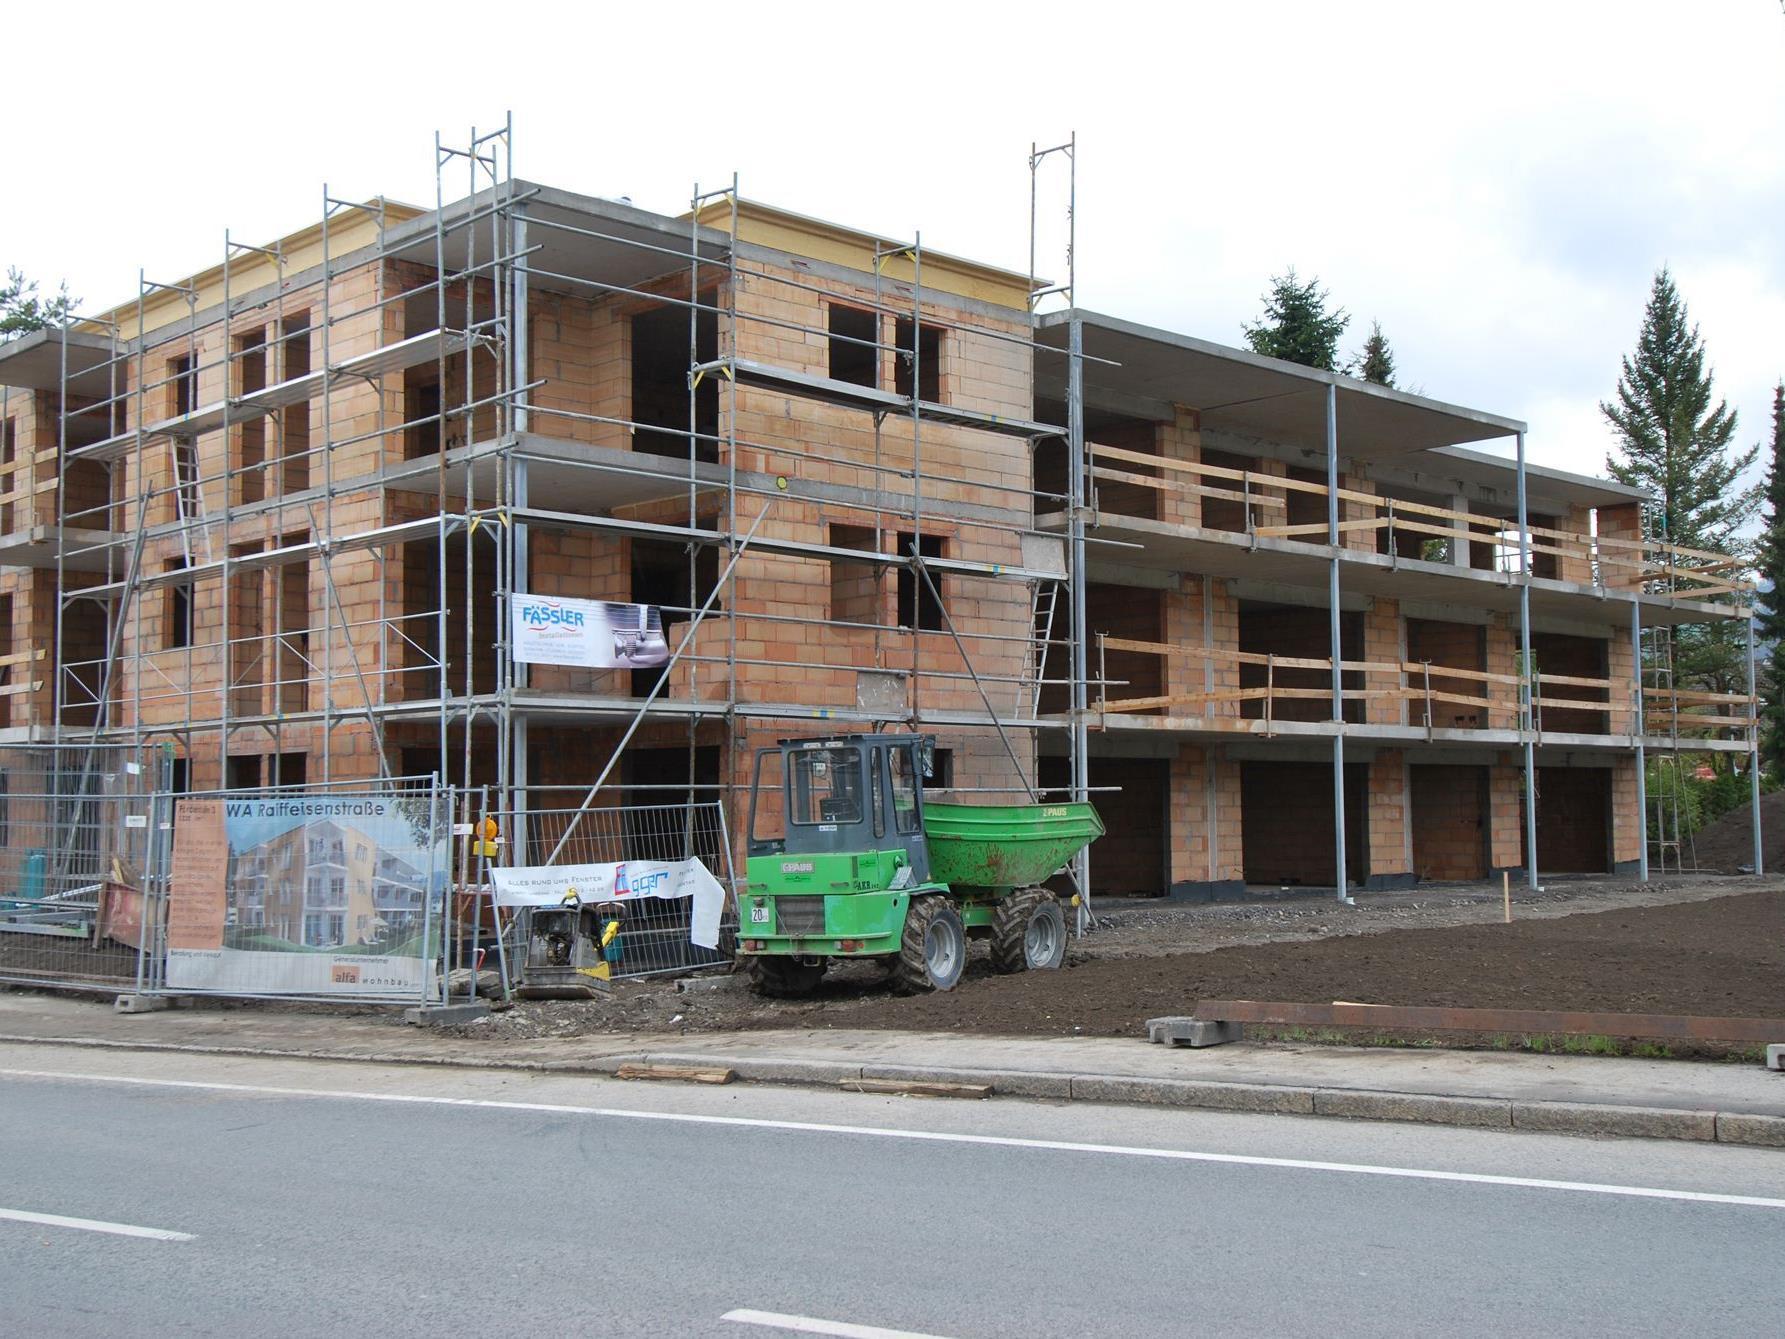 Der Rohbau ist bereits fertiggestellt beim Mehrfamilienhaus Raiffeisenstraße